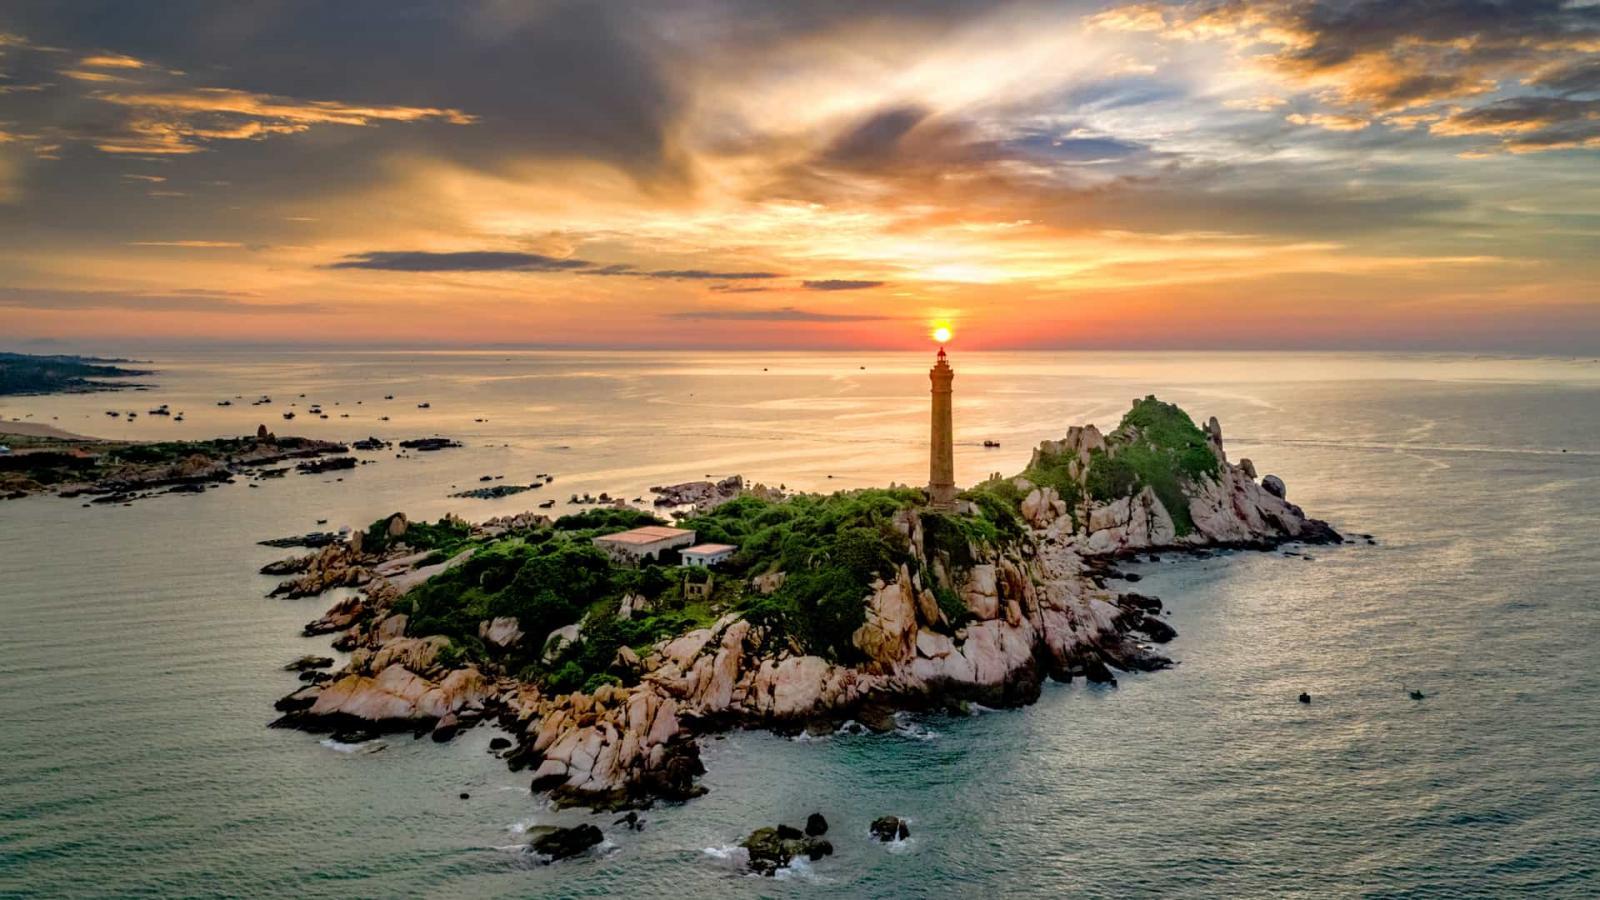 Du lịch Phan Thiết Bình Thuận